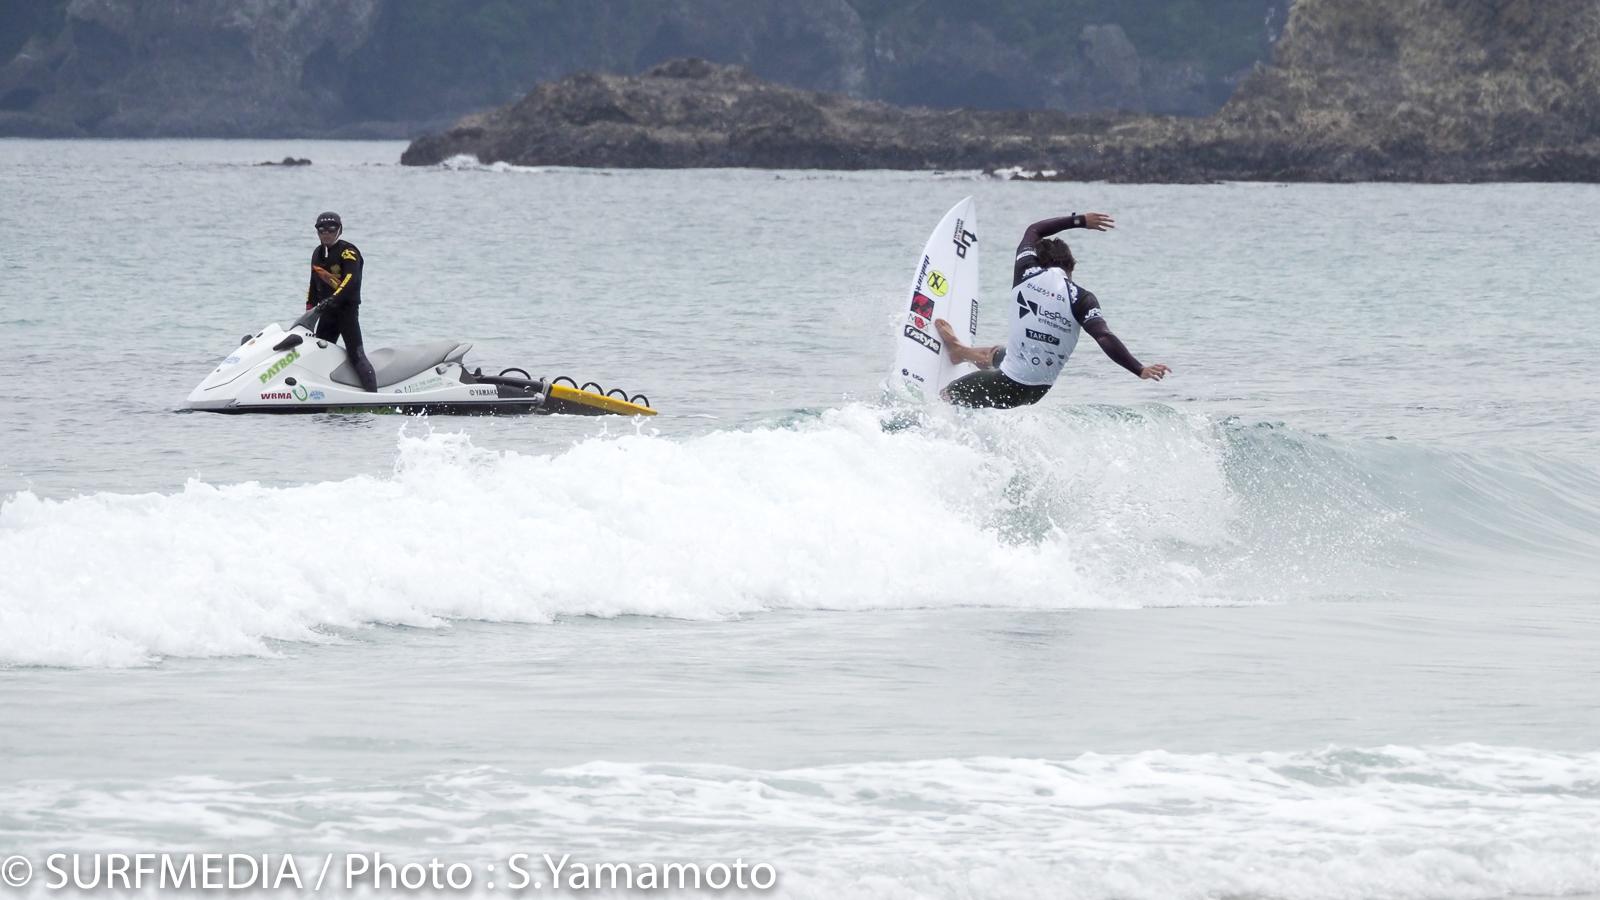 kento takahashi-6241664